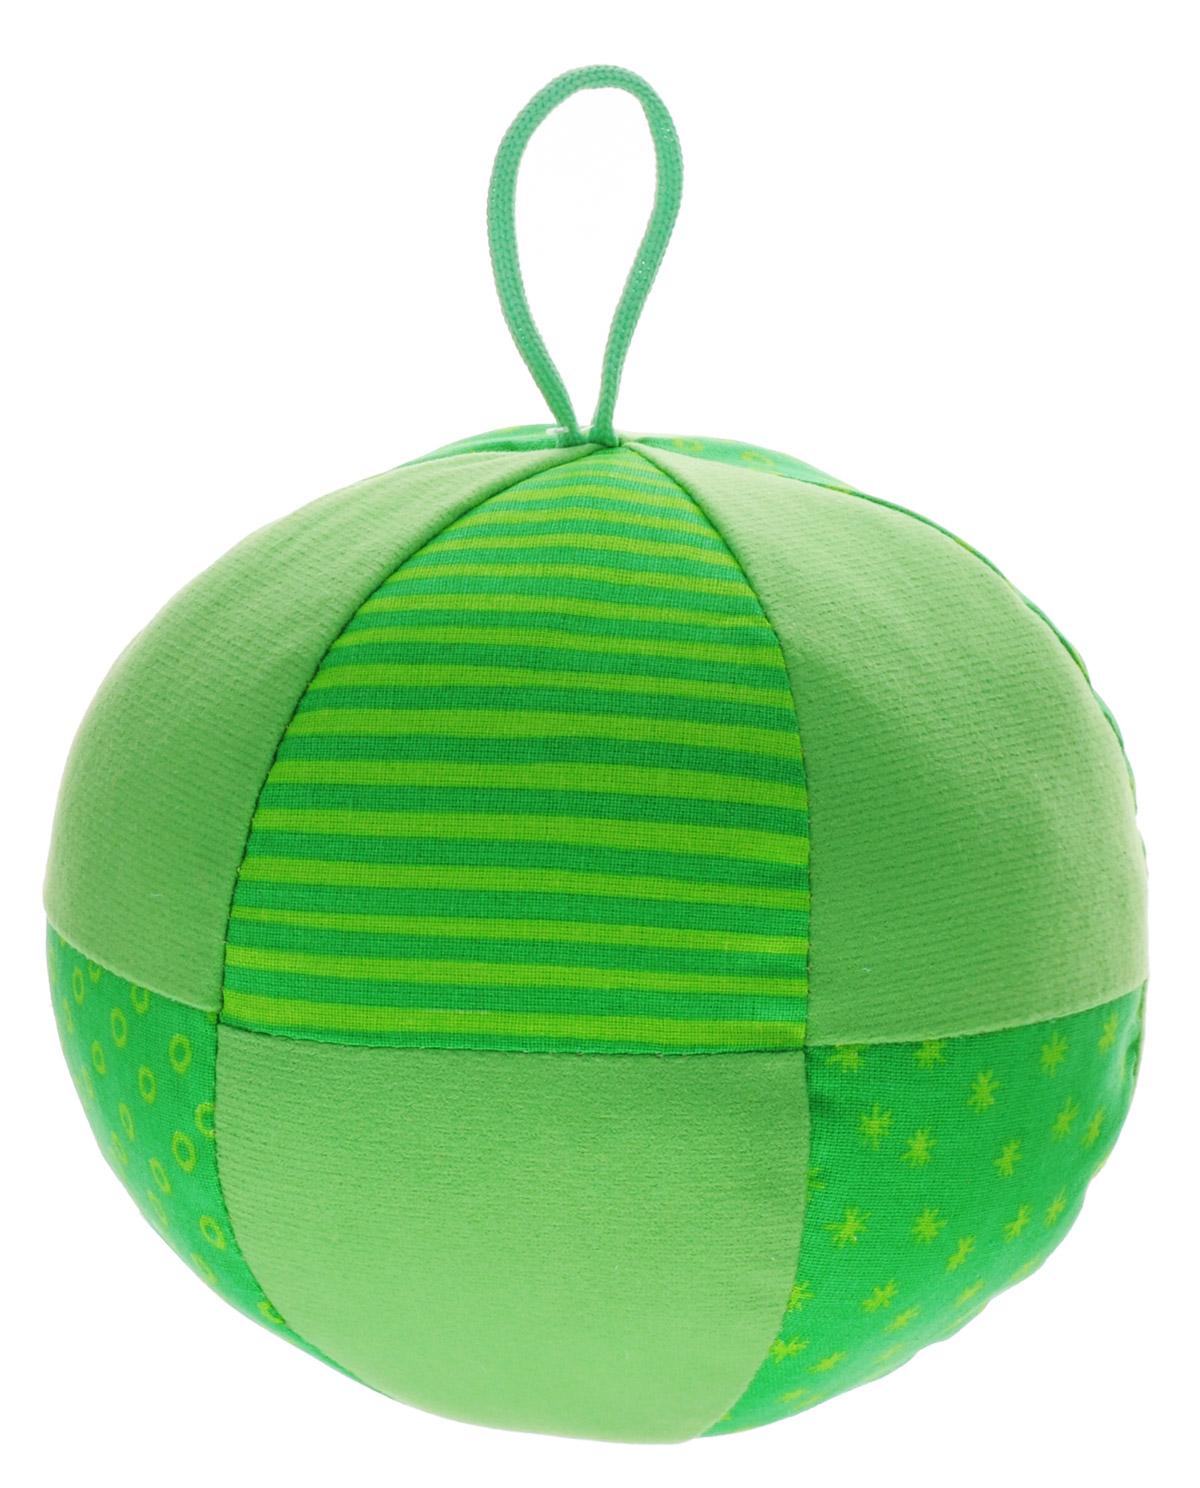 Мякиши Развивающая игрушка Веселый мячик цвет зеленый342_зеленыйЯркая развивающая игрушка Мякиши Весёлый мячик с погремушкой и петелькой для захвата изготовлена из разнофактурных тканей. Отлично подходит для развития мелкой и крупной моторики и слуха малыша. Удобный размер для обеих рук ребенка. Внутри спрятана погремушка с приятным звуком зёрнышек и мягкий наполнитель. Хлопковые и трикотажные ткани различной текстуры прекрасно стимулируют тактильную чувствительность.